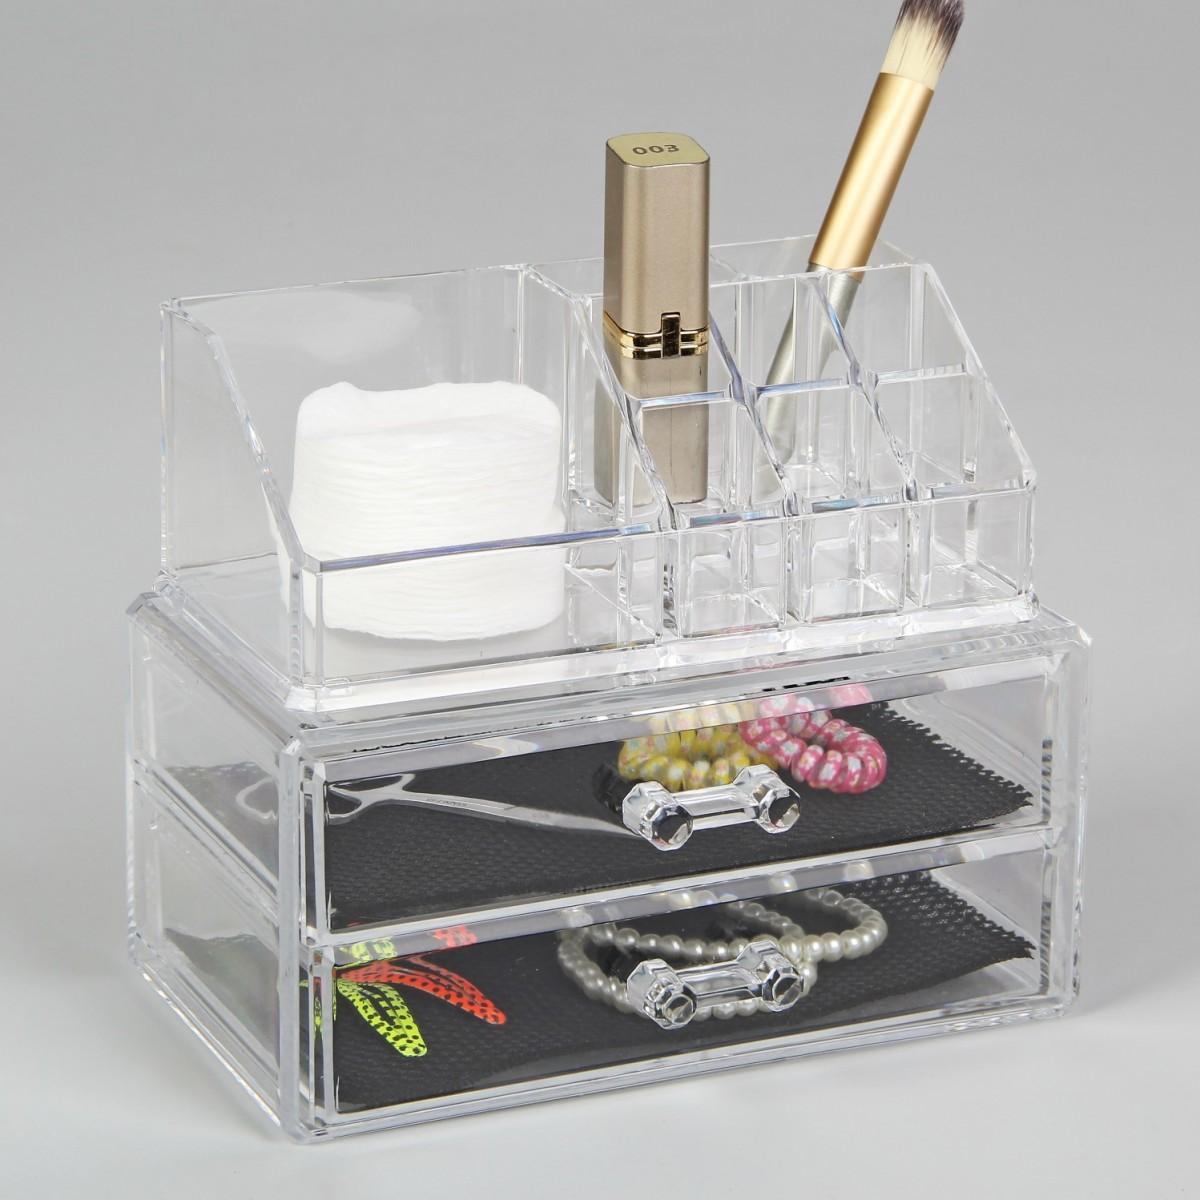 Органайзер для косметики на 11 секции с двумя ящиками, 16 х 10,5 х 18,5 см